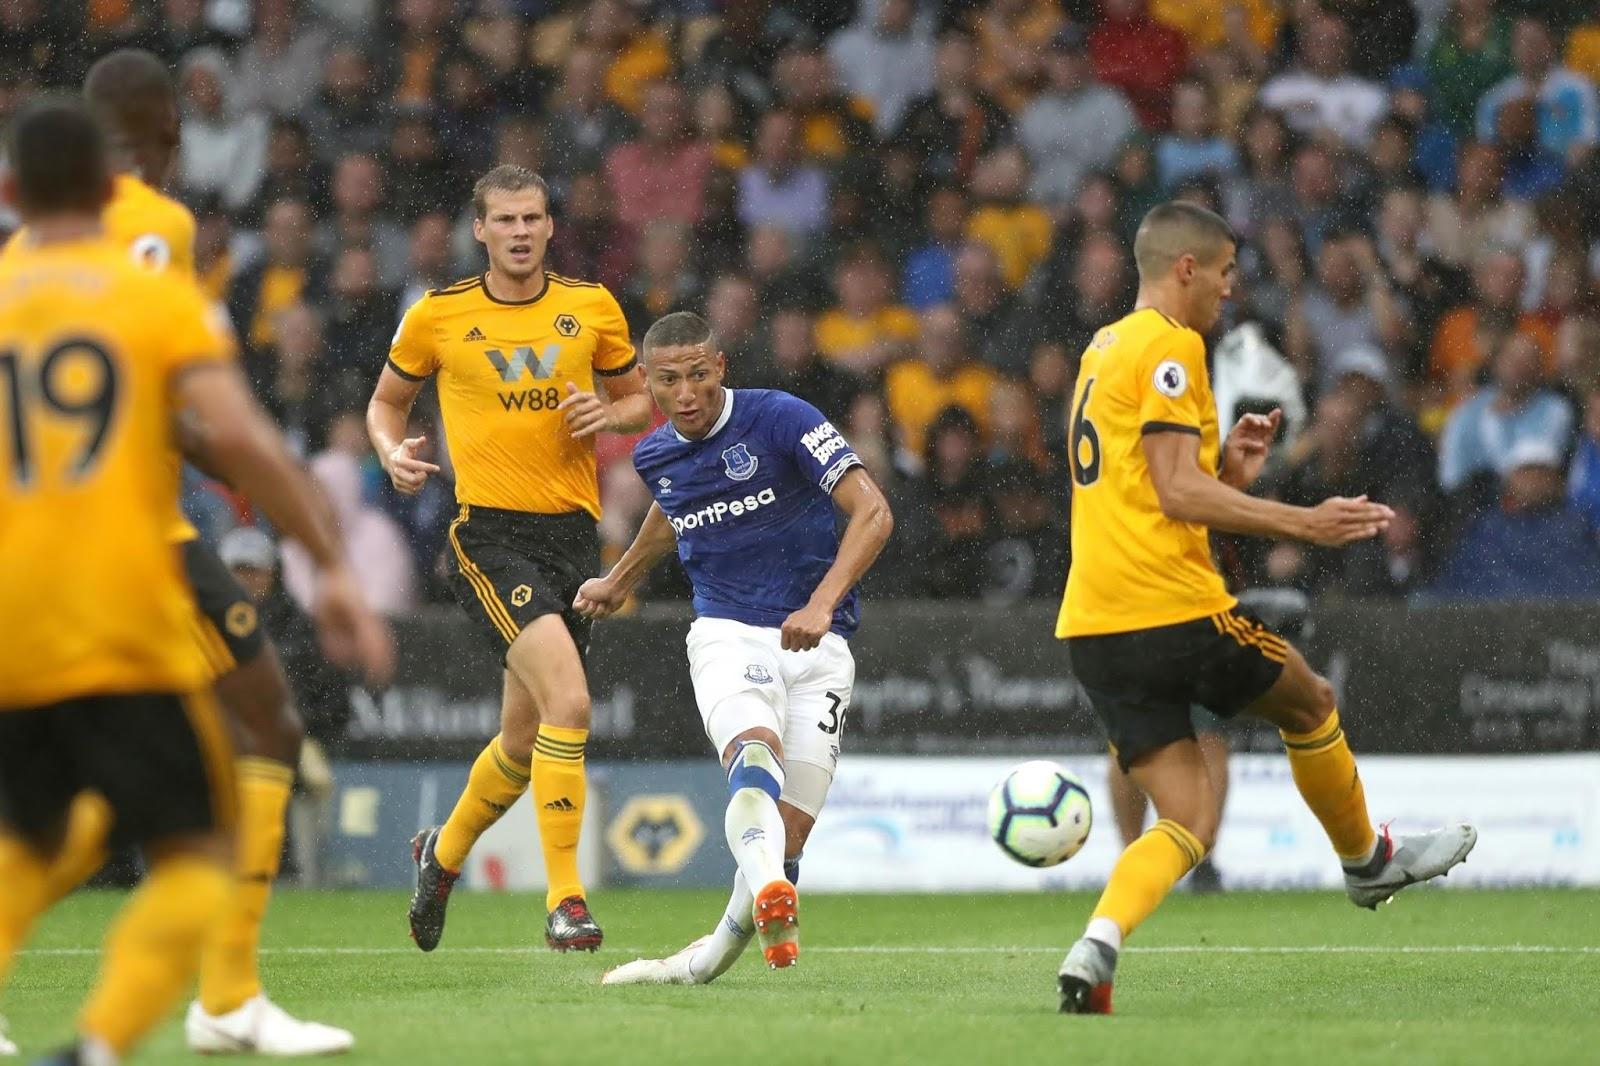 نتيجة مباراة ايفرتون وولفرهامبتون بتاريخ 01-09-2019 الدوري الانجليزي